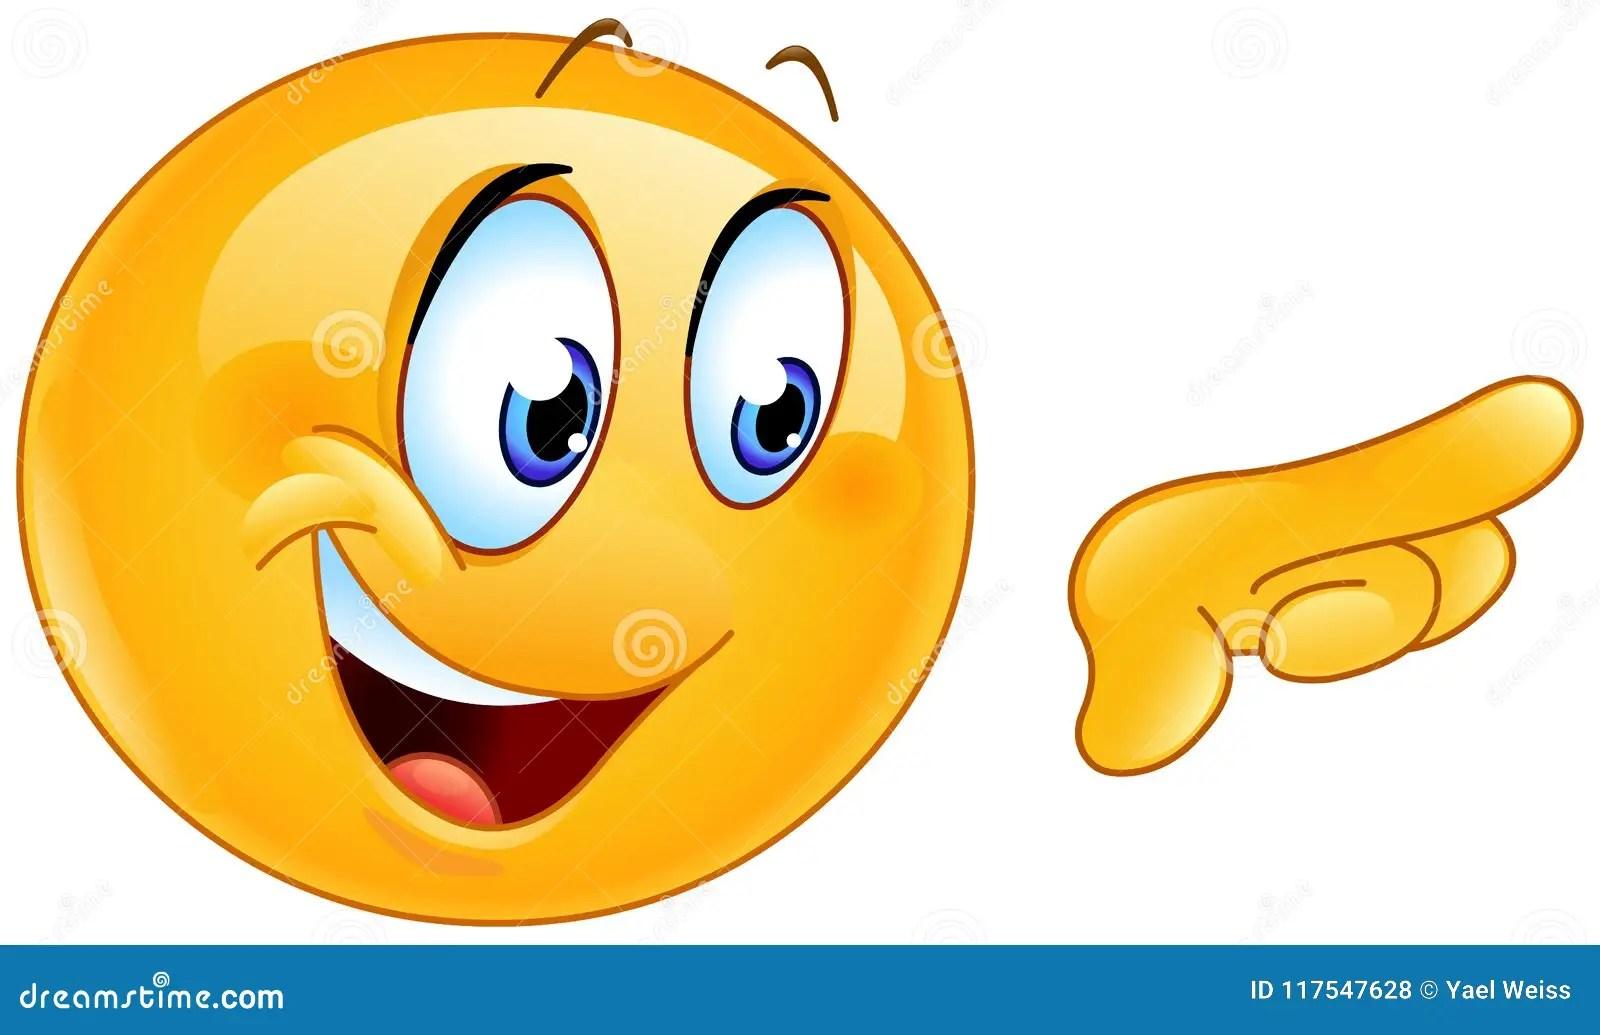 Smile Smiley Emoticone Gratuit